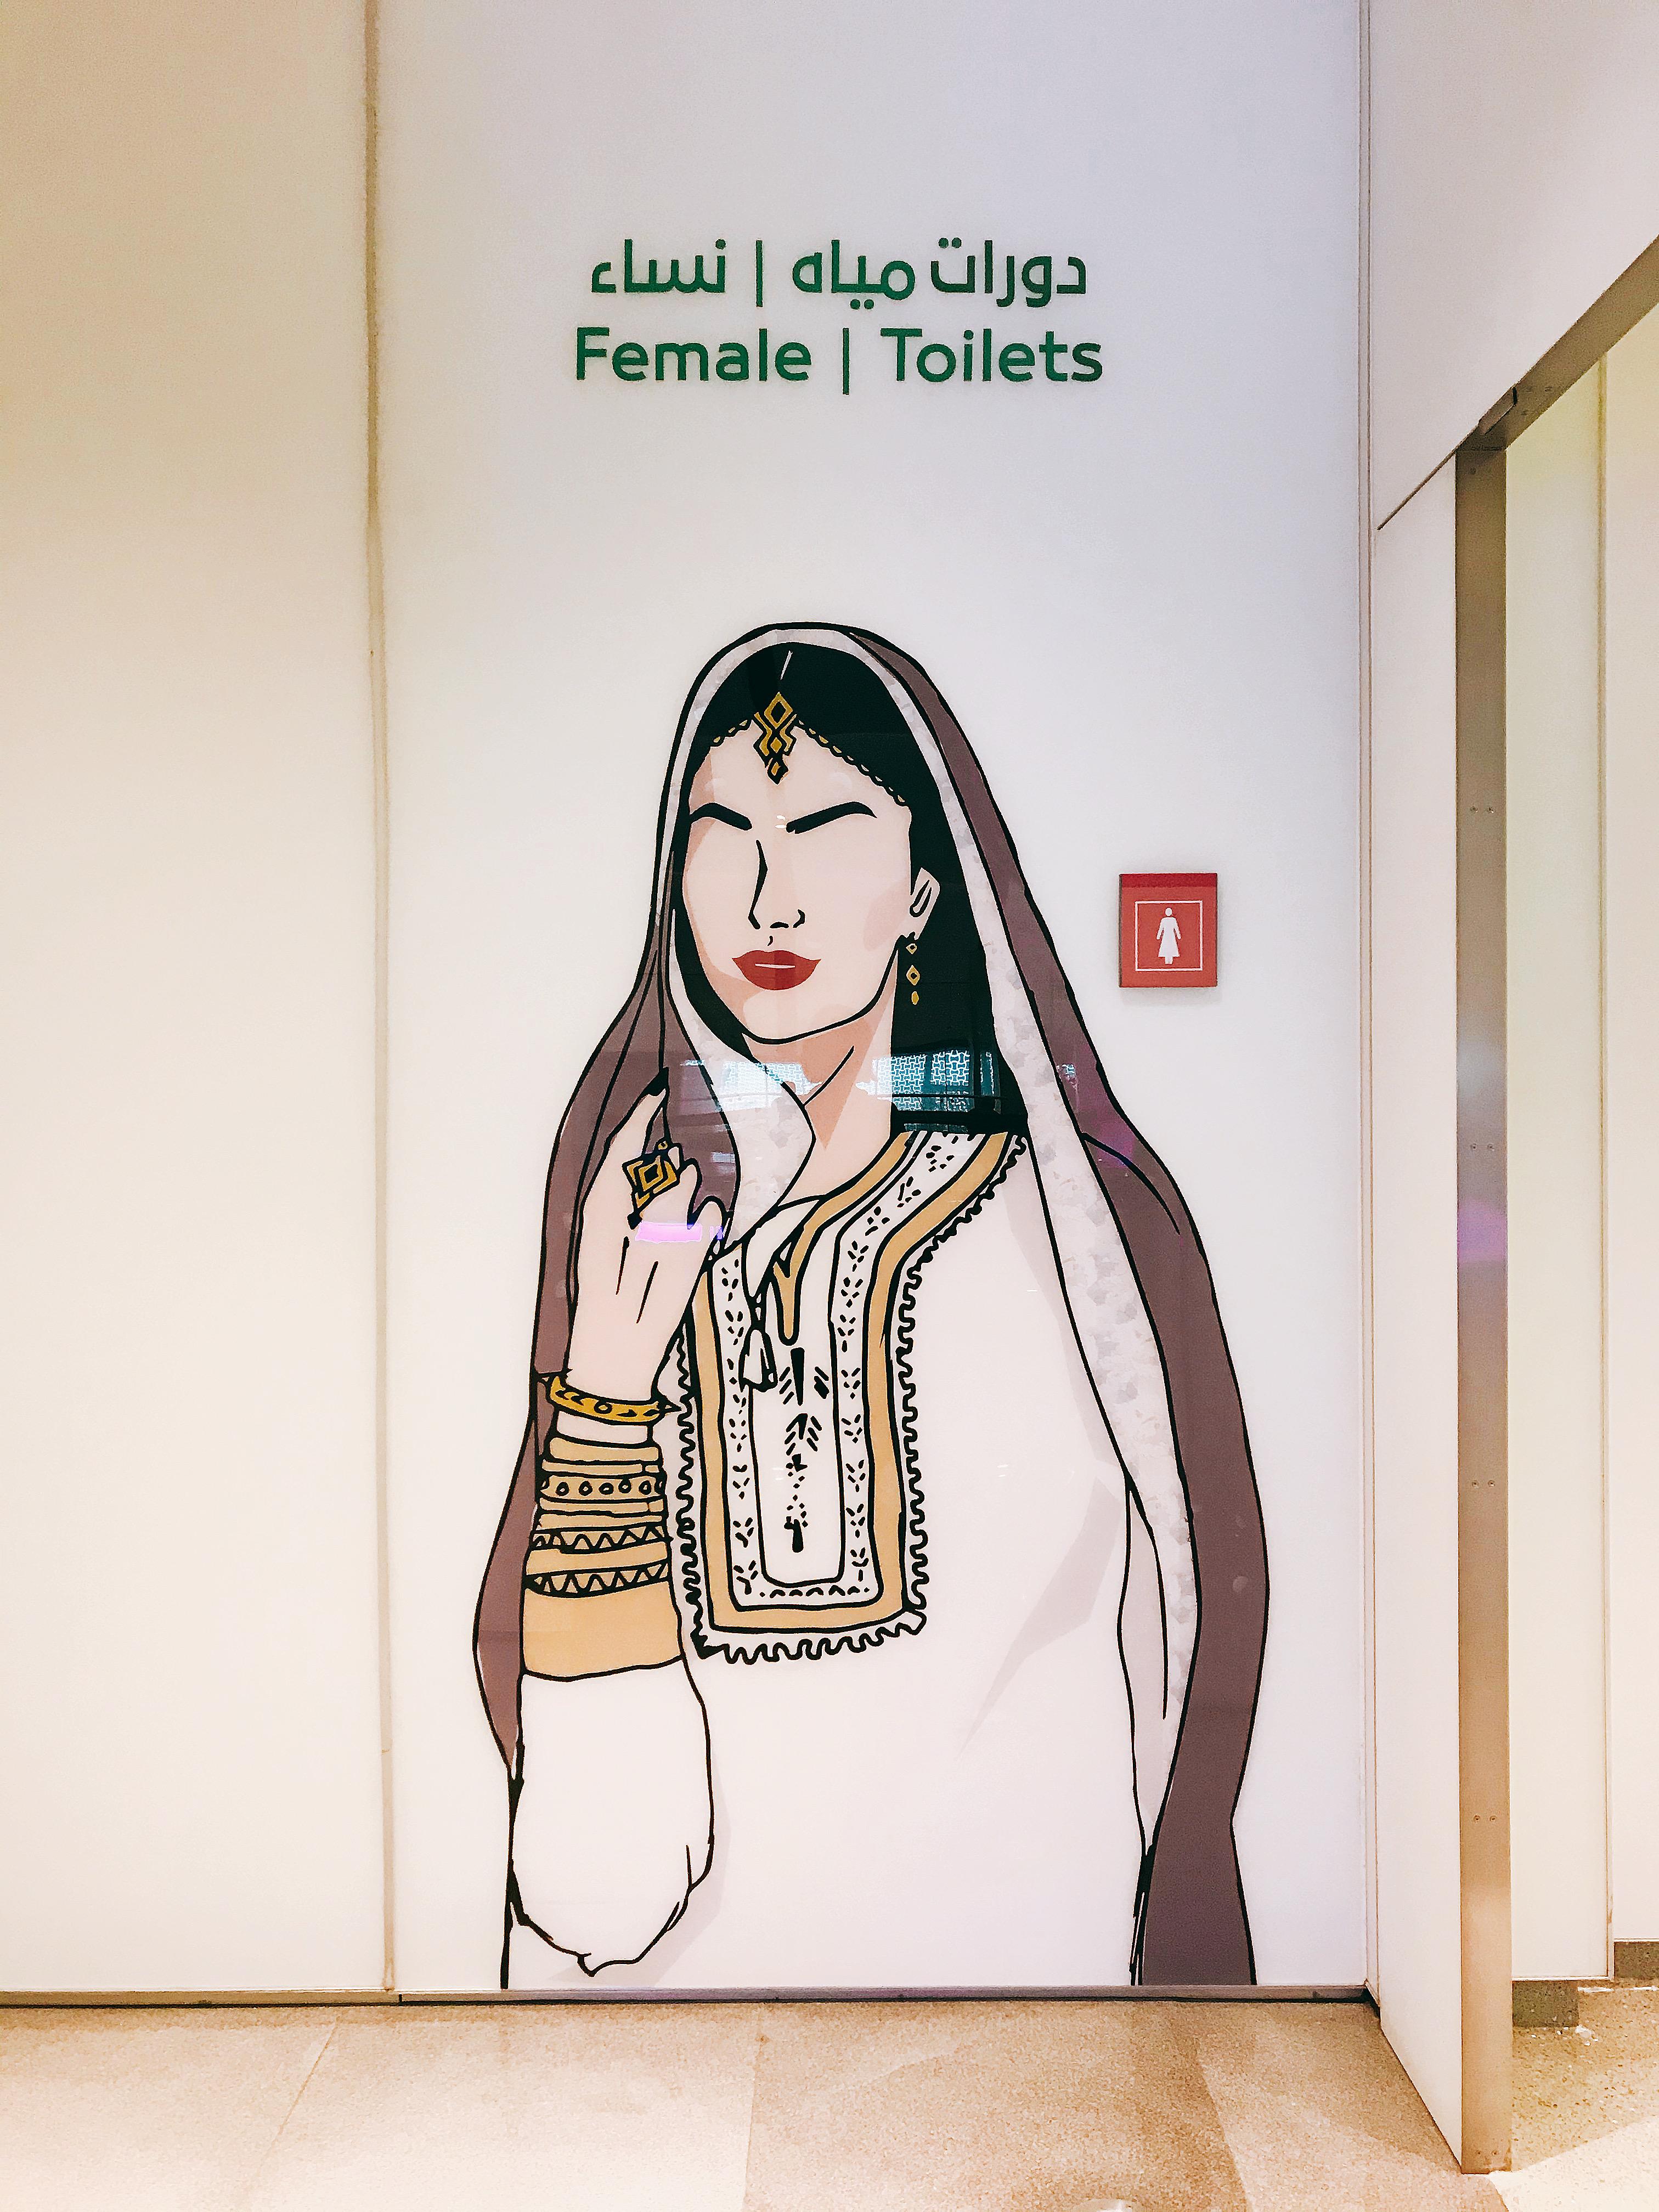 Chị đẹp trước cửa toilet